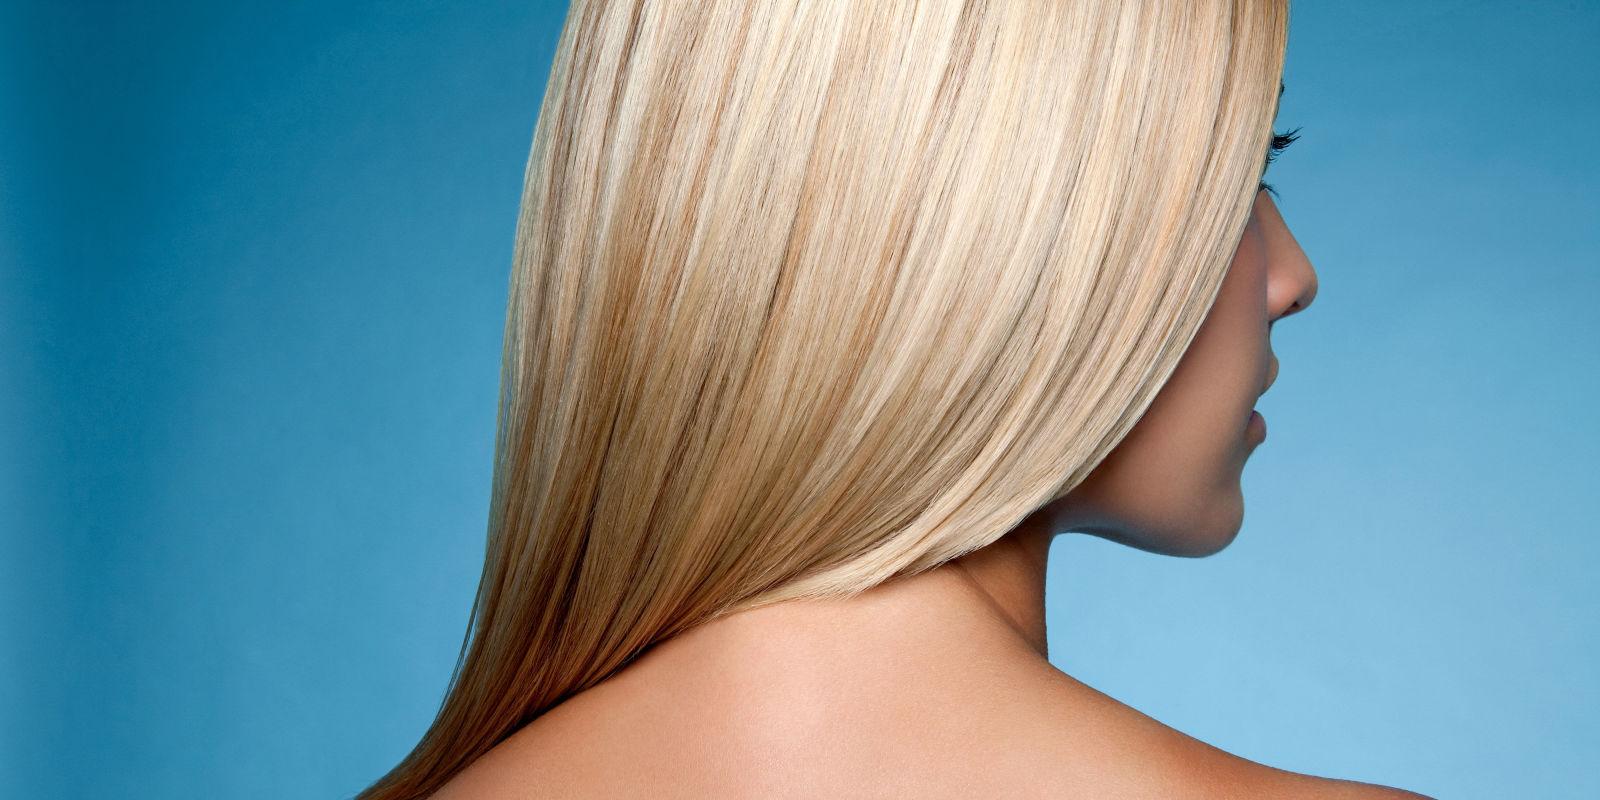 Сохранить блонд: 8 главных правил ухода осветленными волосами 1.